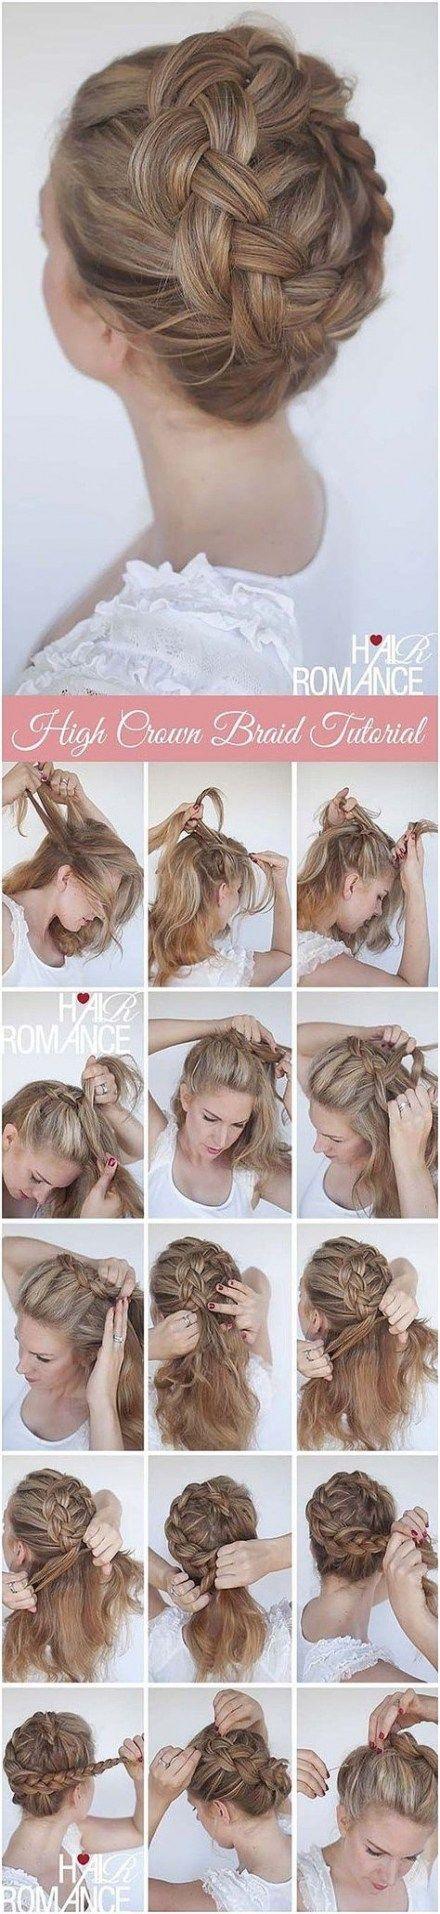 70 Ideas Braids Crown Formal | Hair braid crown tutorial ...